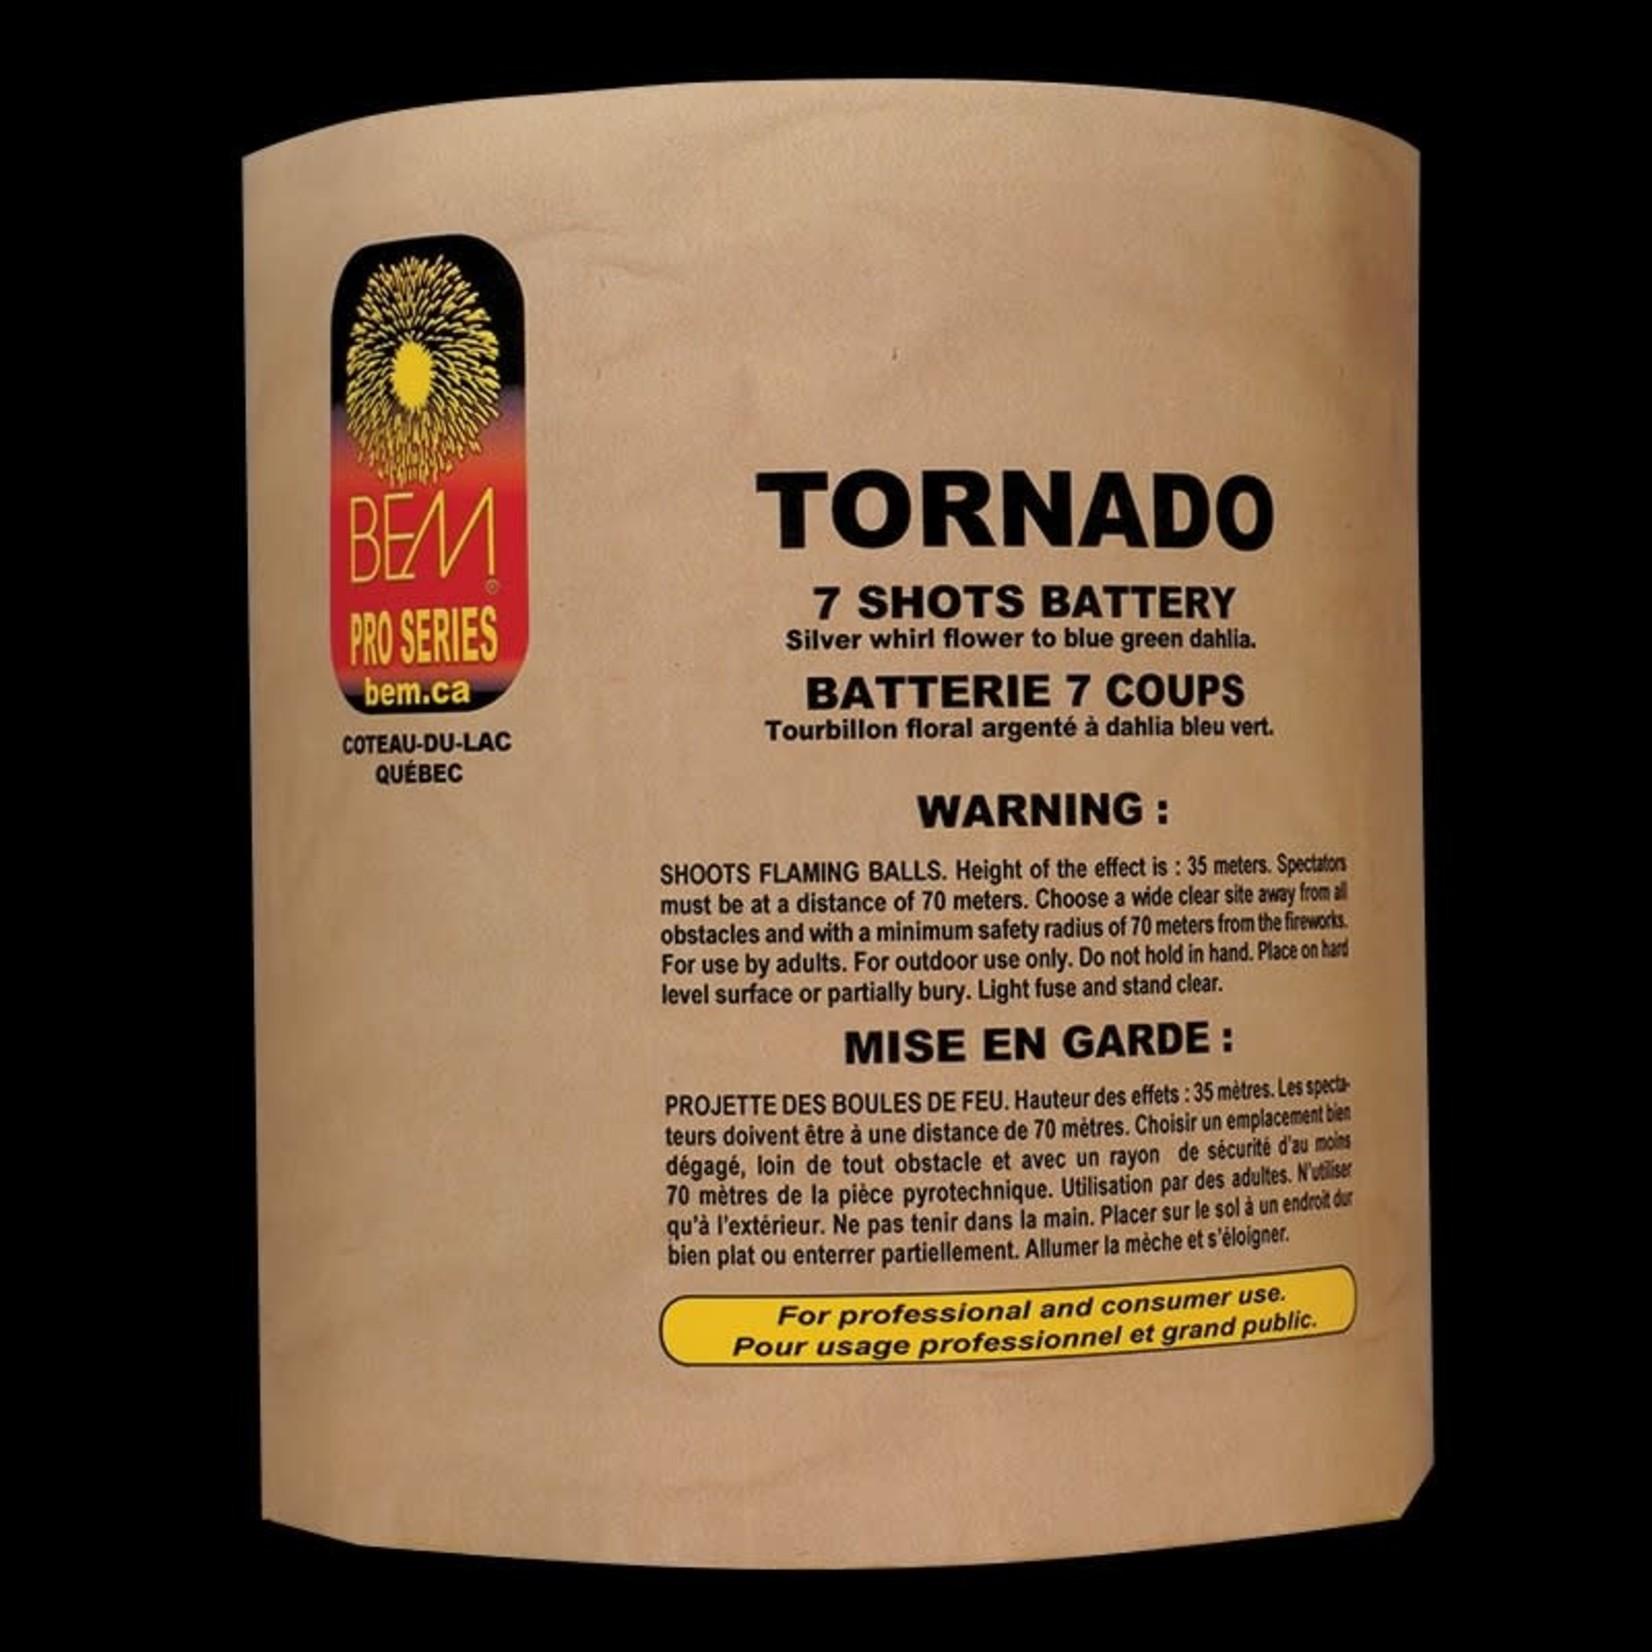 Tornado - BEM